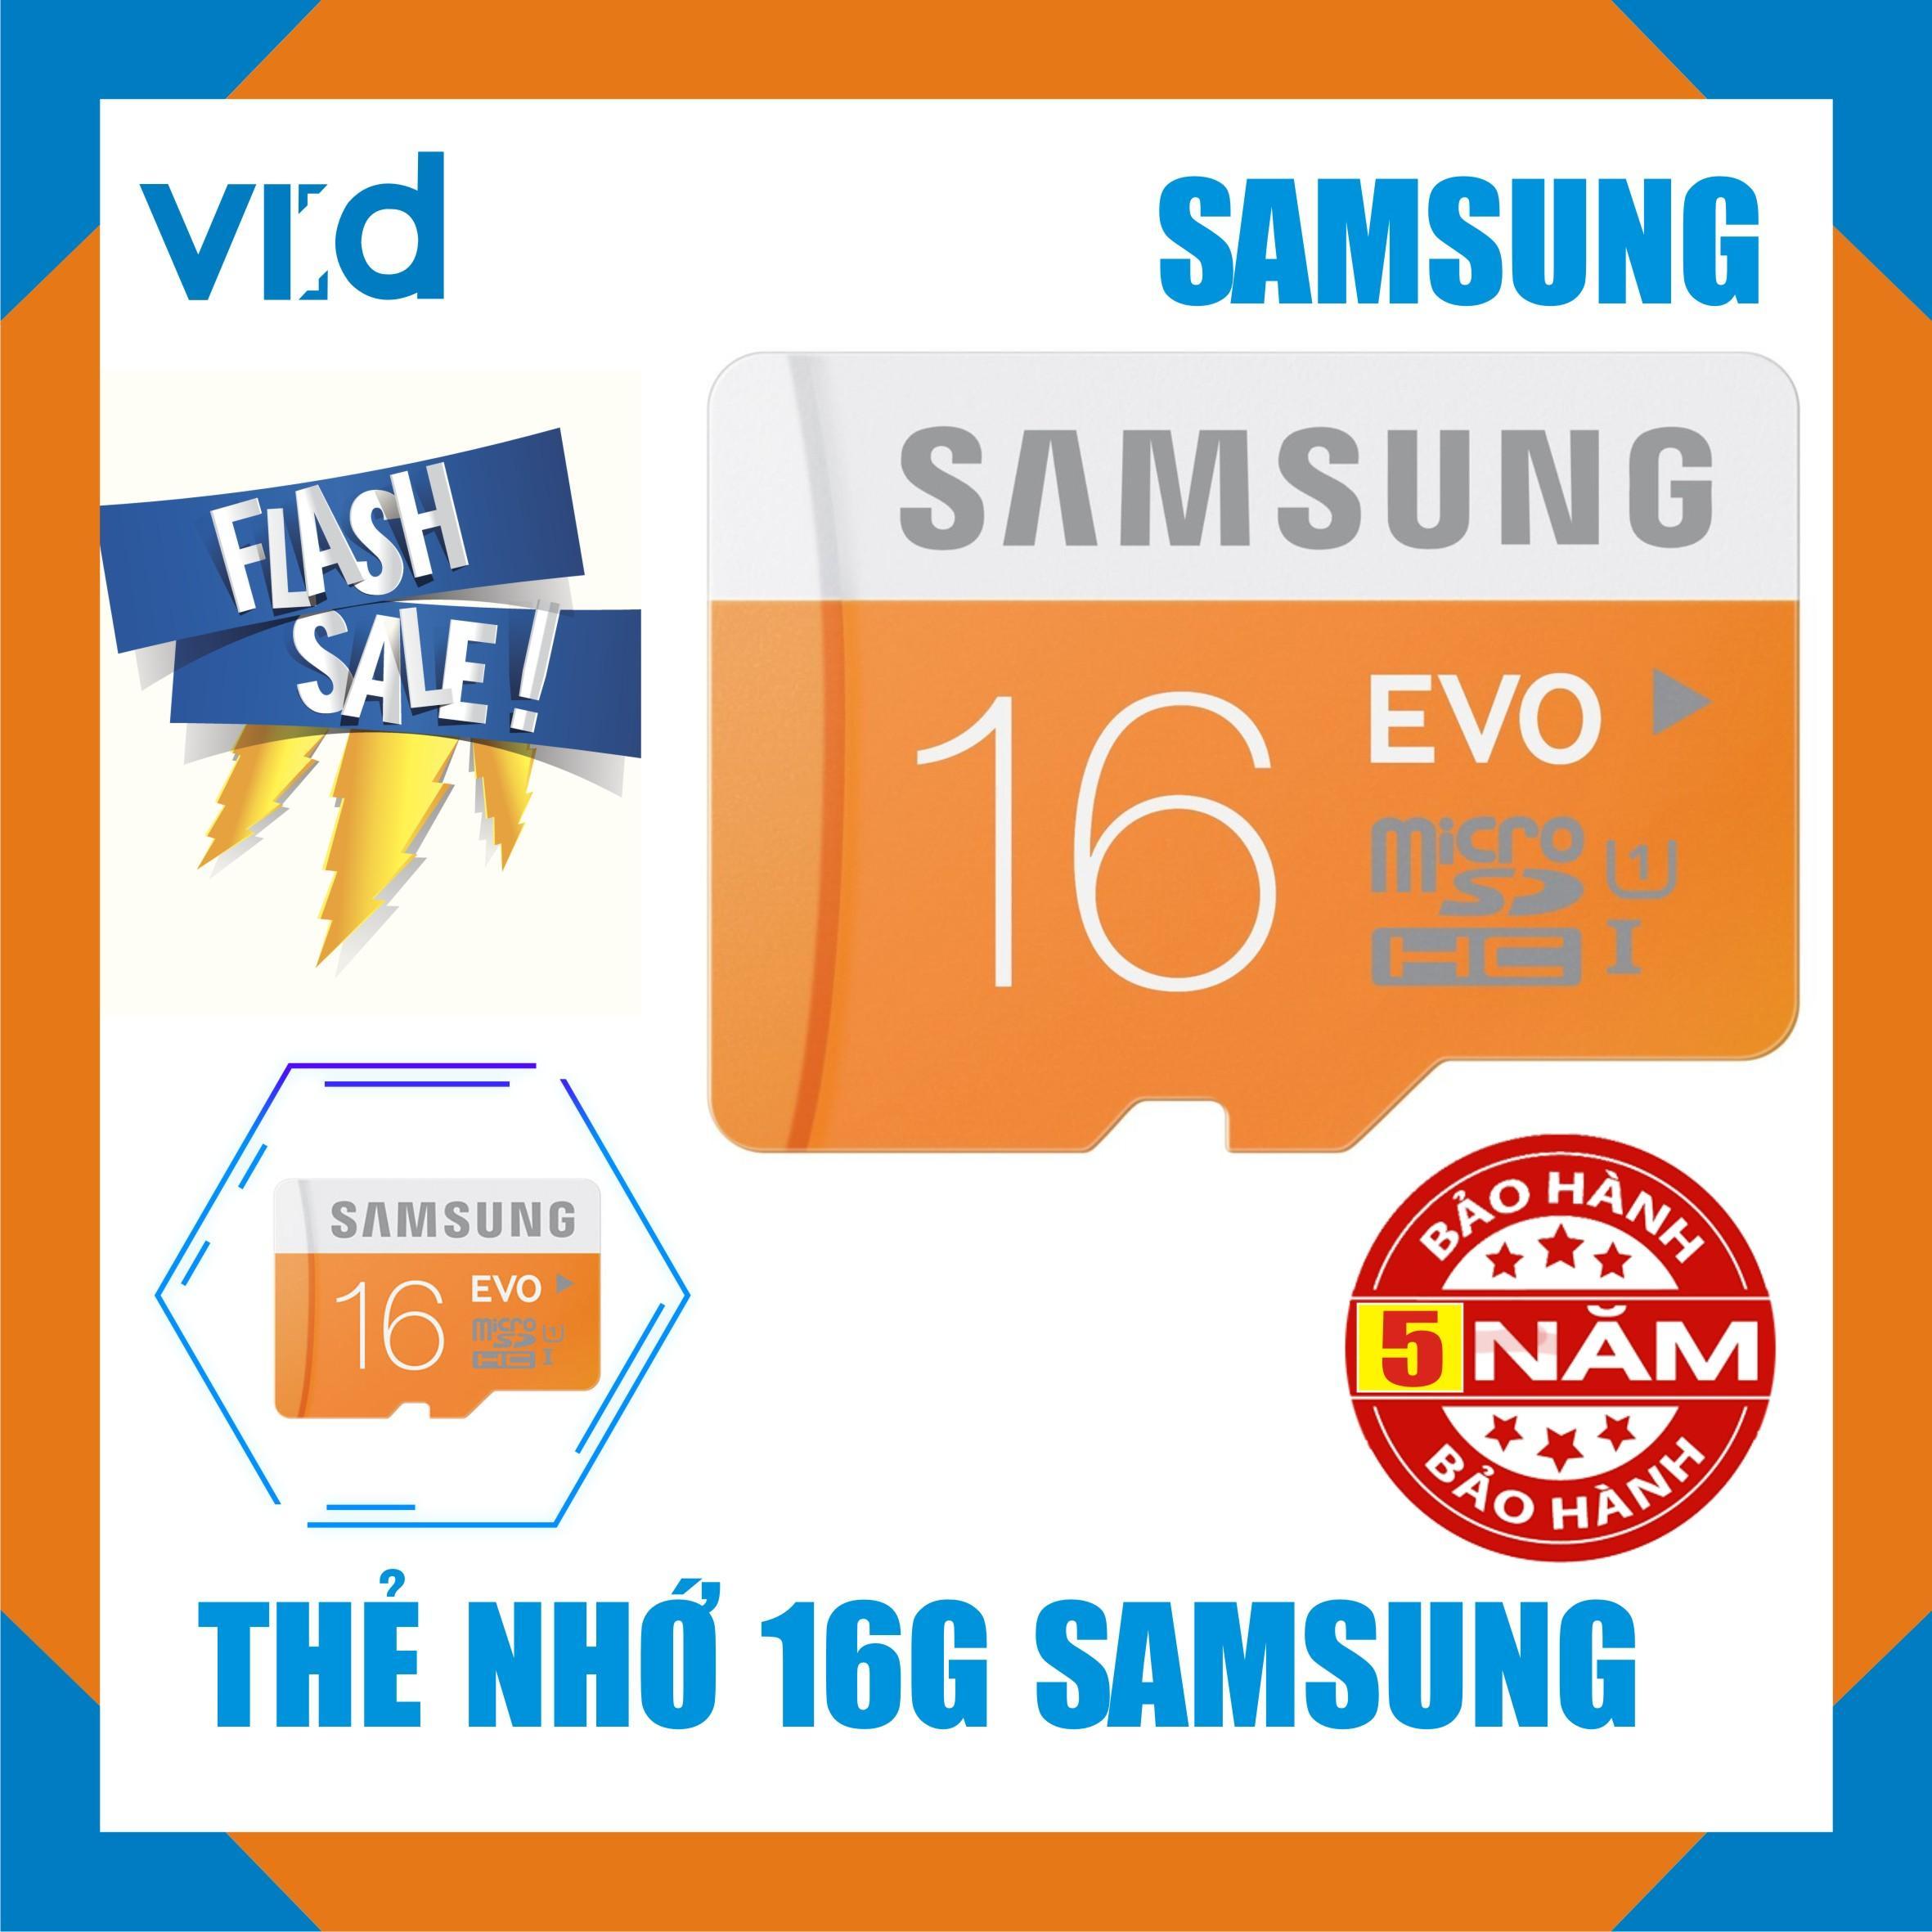 Thẻ nhớ SamSung MircoSDXC UHS I-Card 16GB - Bảo hành 5 năm